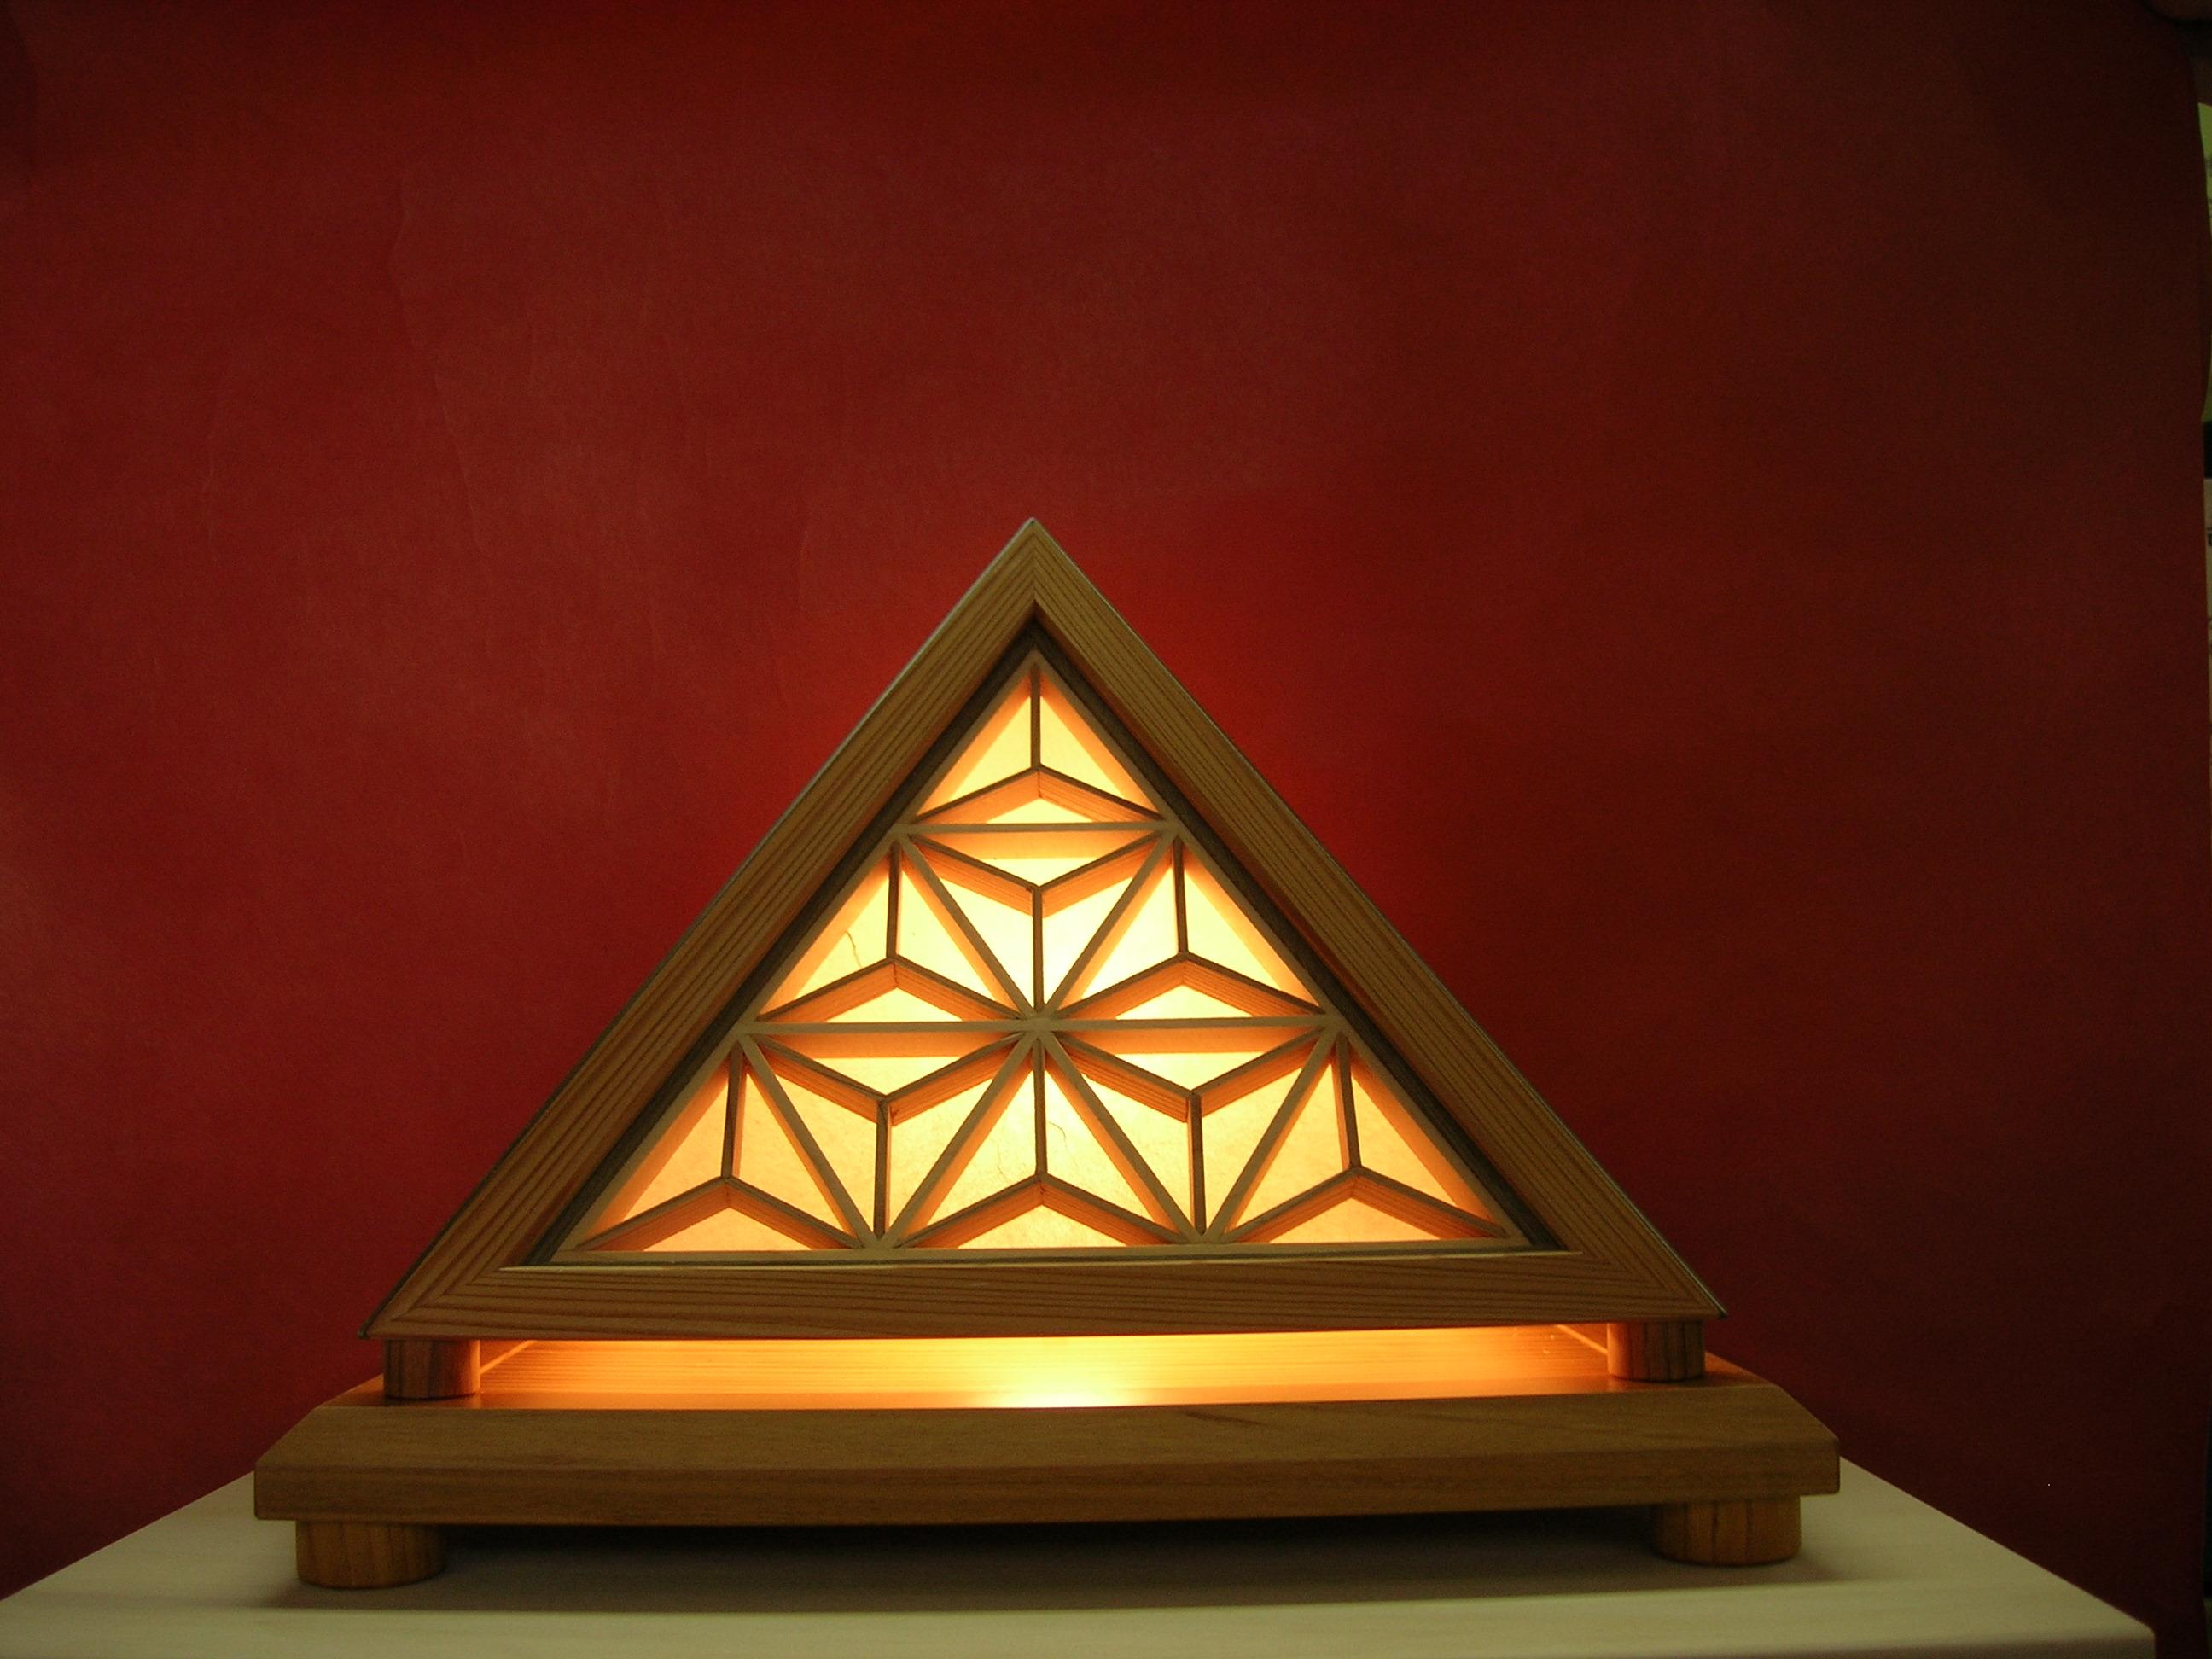 組子入りピラミッド行灯